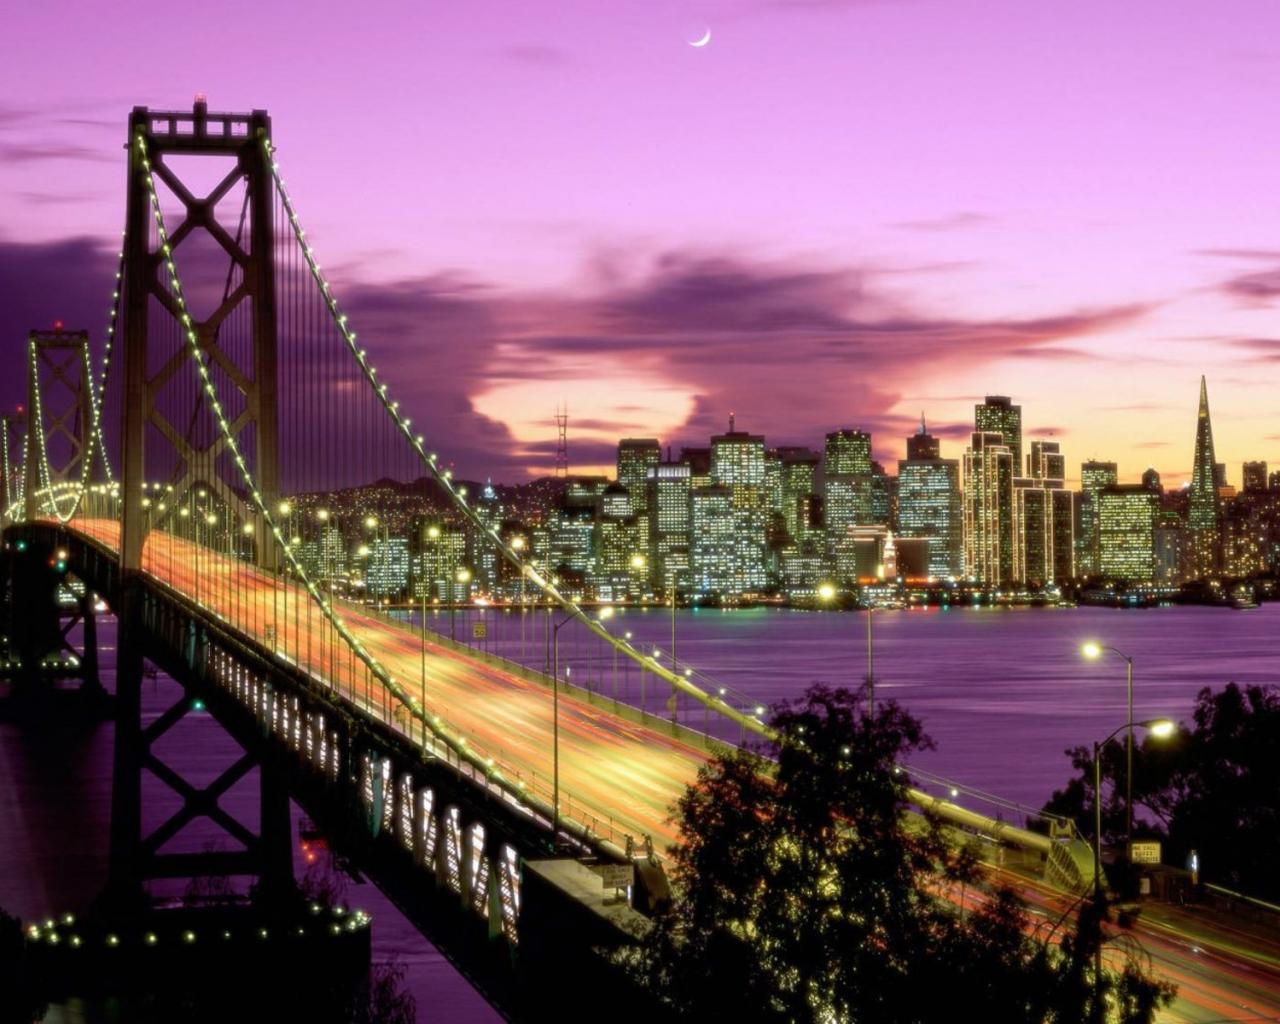 Vista nocturna de ciudad - 1280x1024